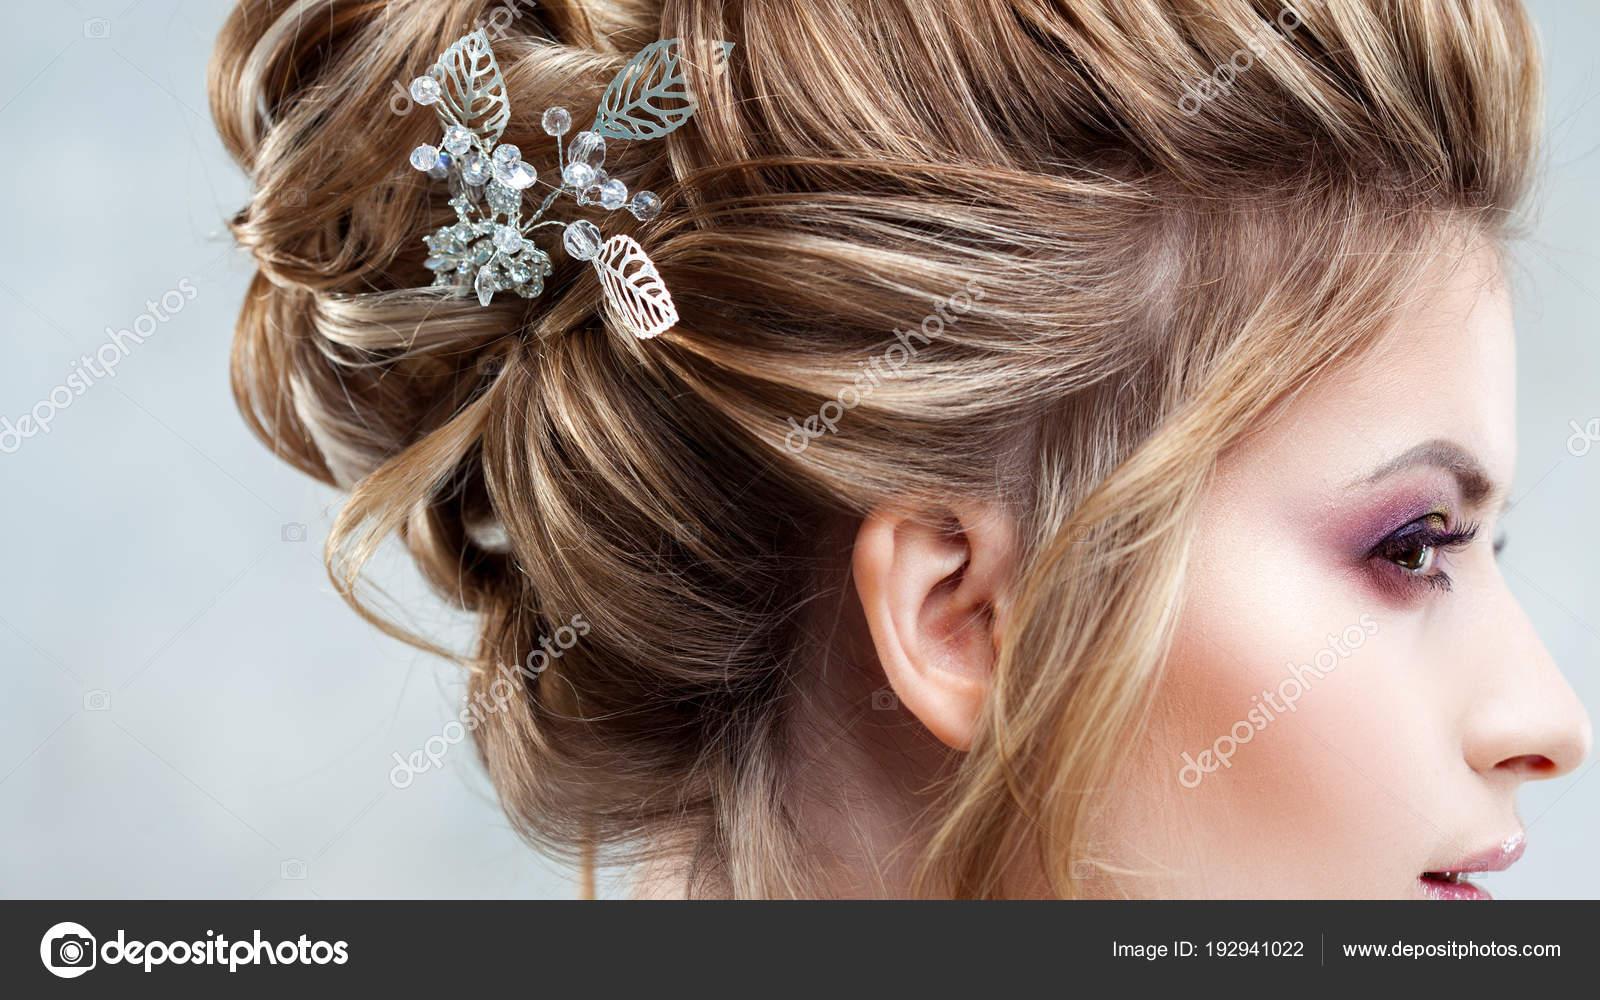 0eb61a79535c60 Молодий красива наречена з елегантним висока зачіска. Весільна зачіска з  аксесуаром в її волосся– стокове зображення